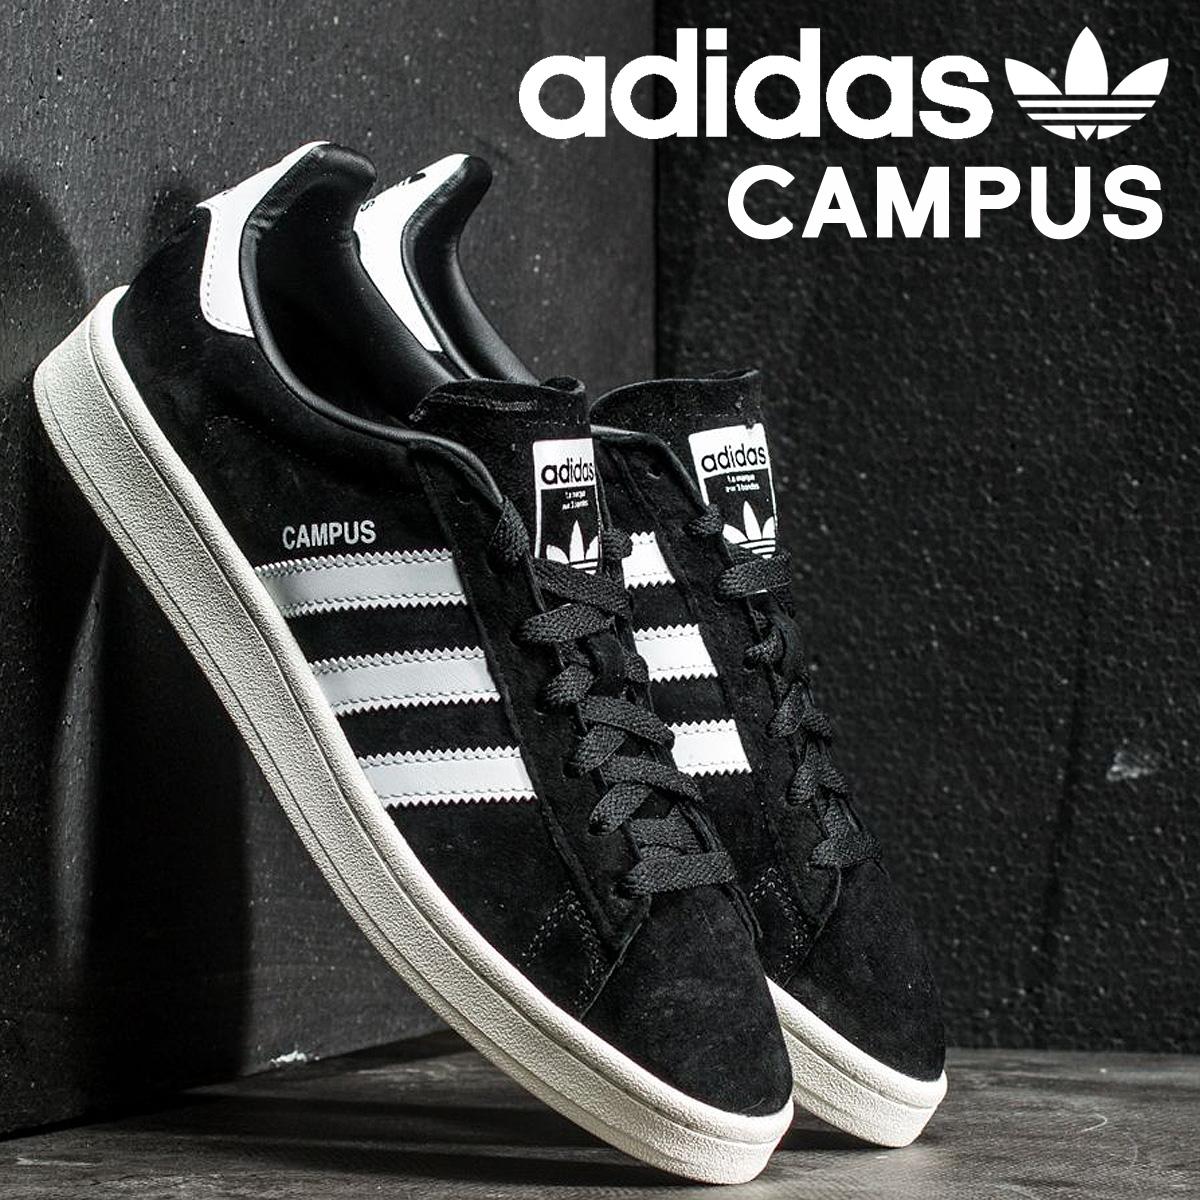 adidas campus original